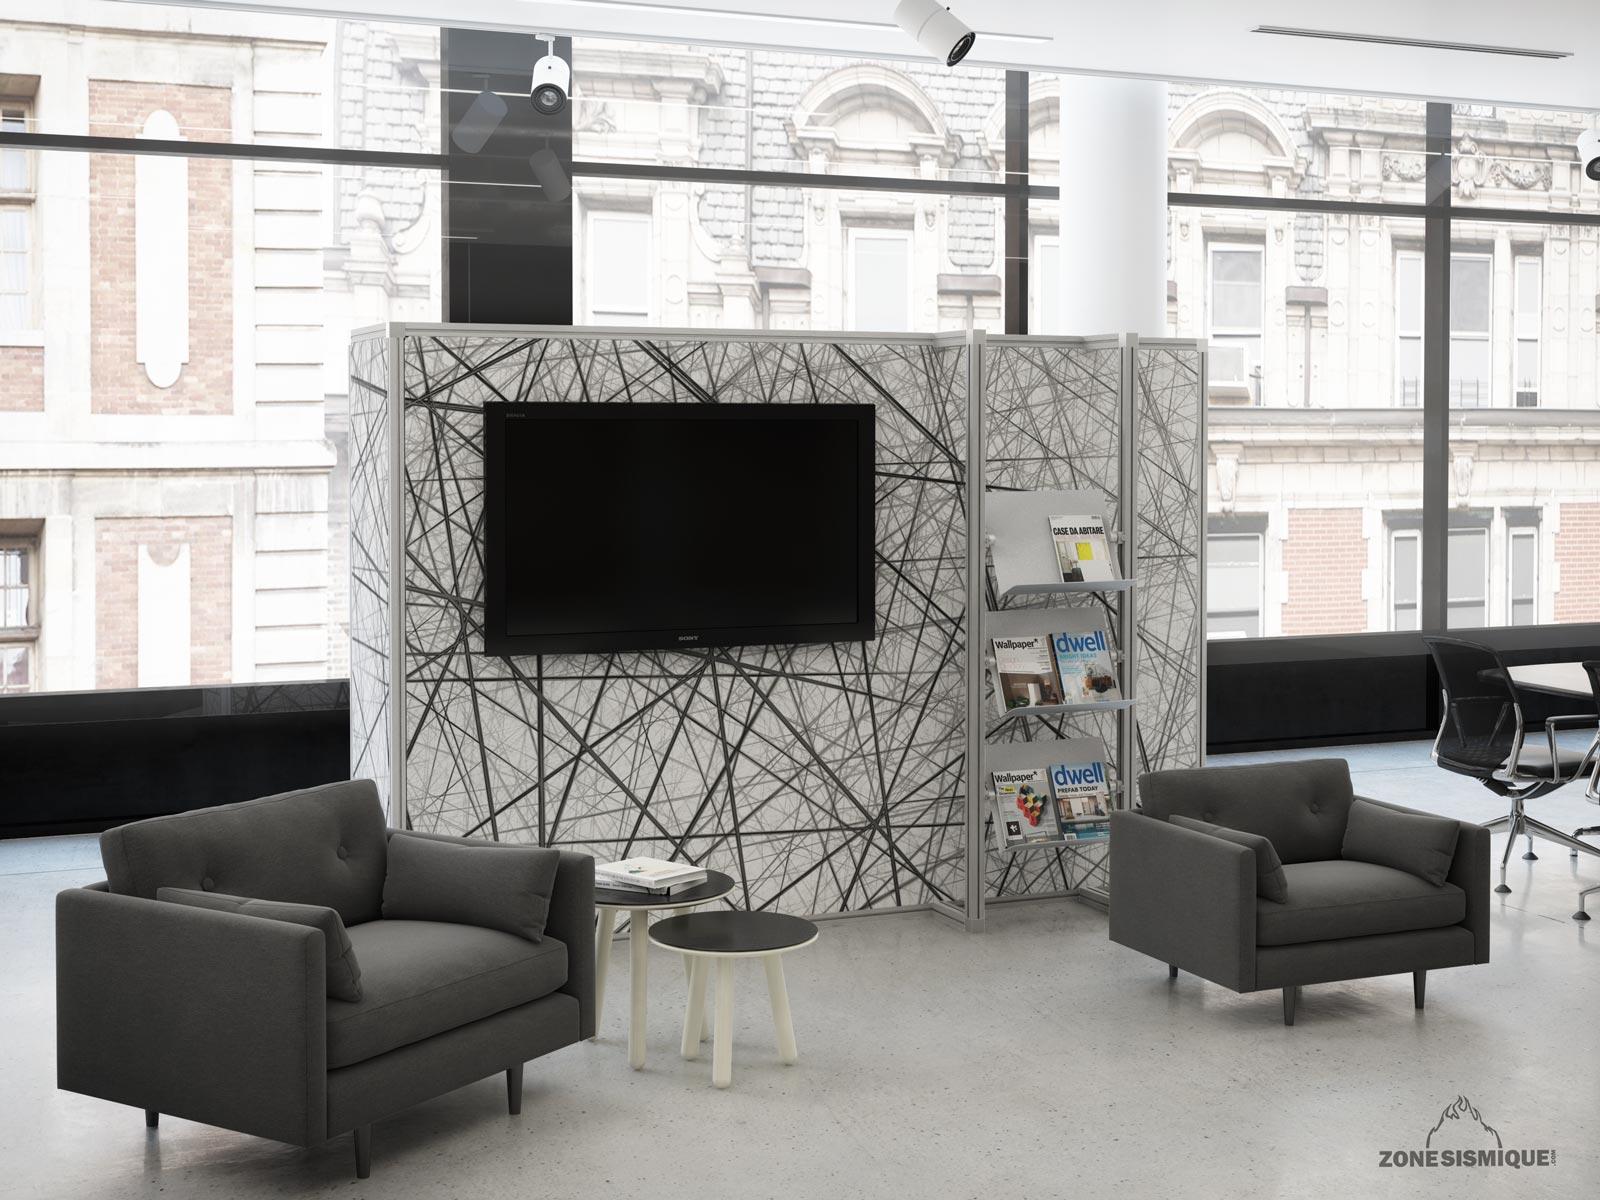 zone sismique rho mur audio bureau 3d vue3 zone sismique design industriel 3d graphique. Black Bedroom Furniture Sets. Home Design Ideas